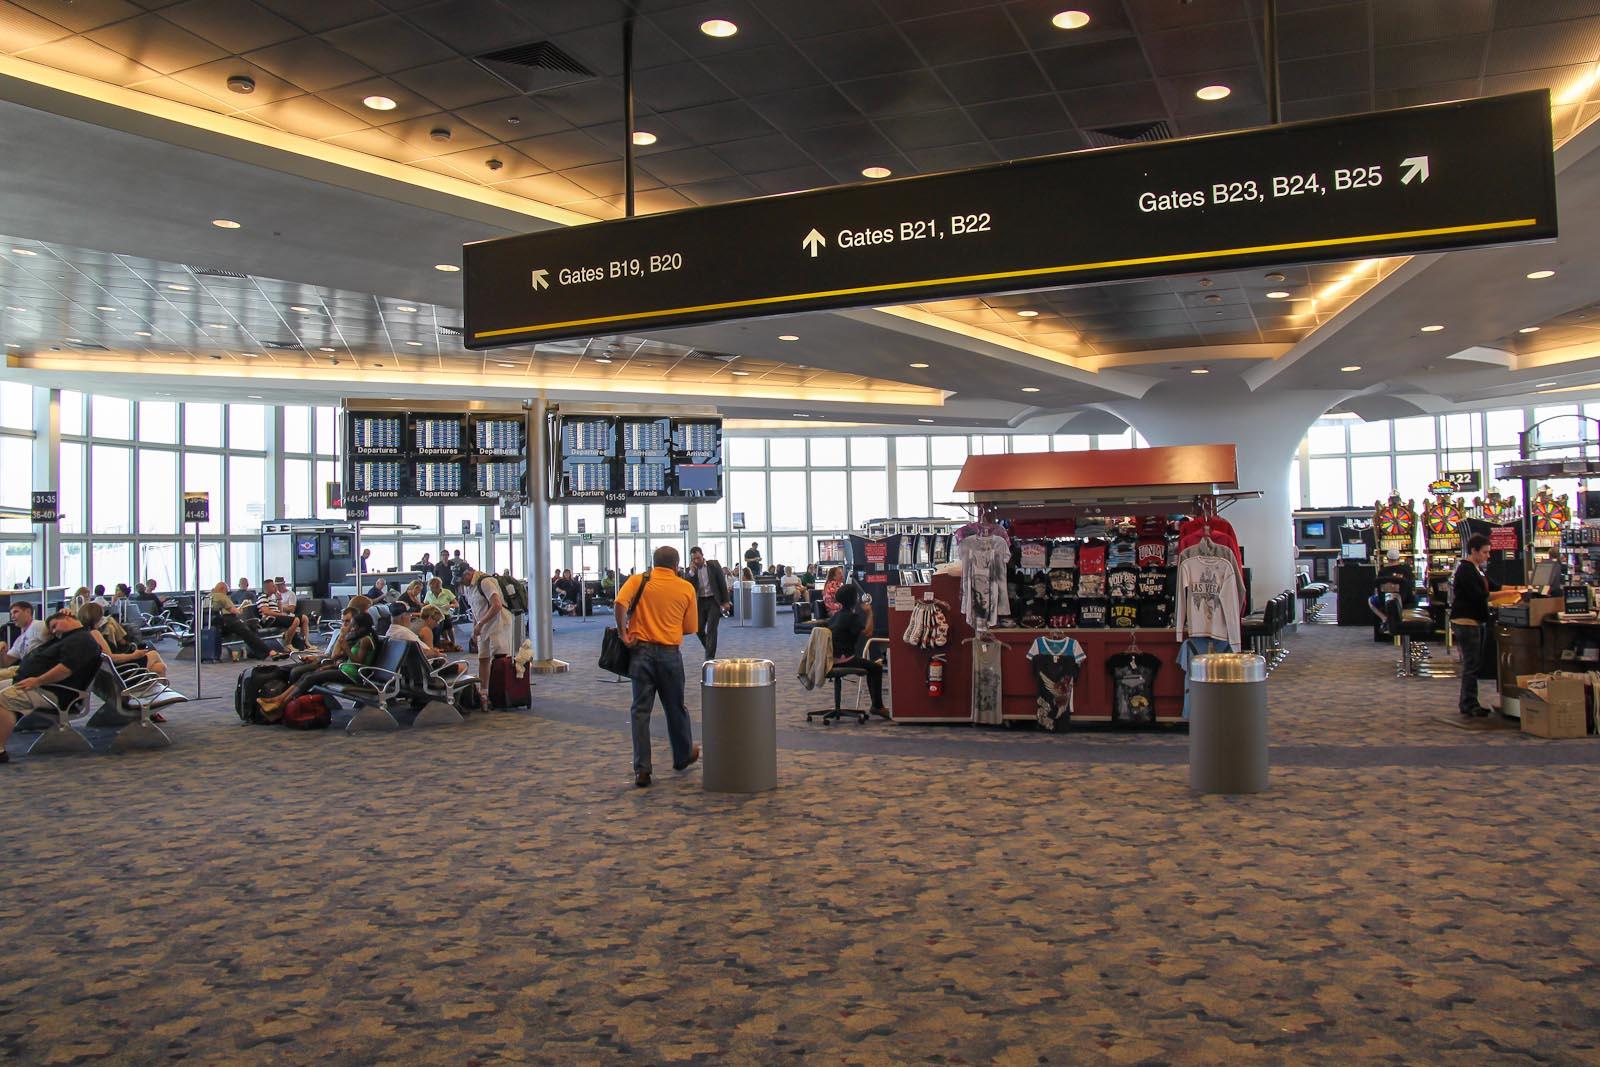 Зал ожидания с выходами на посадку в конкорсе В терминала 1 аэропорта Лас-Вегас Мак-Каран